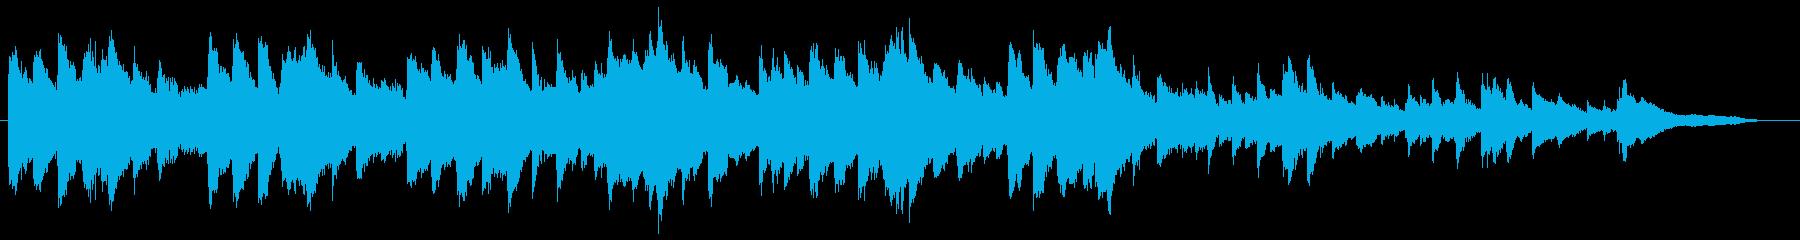 感情的なクラシックソロピアノ音楽の再生済みの波形